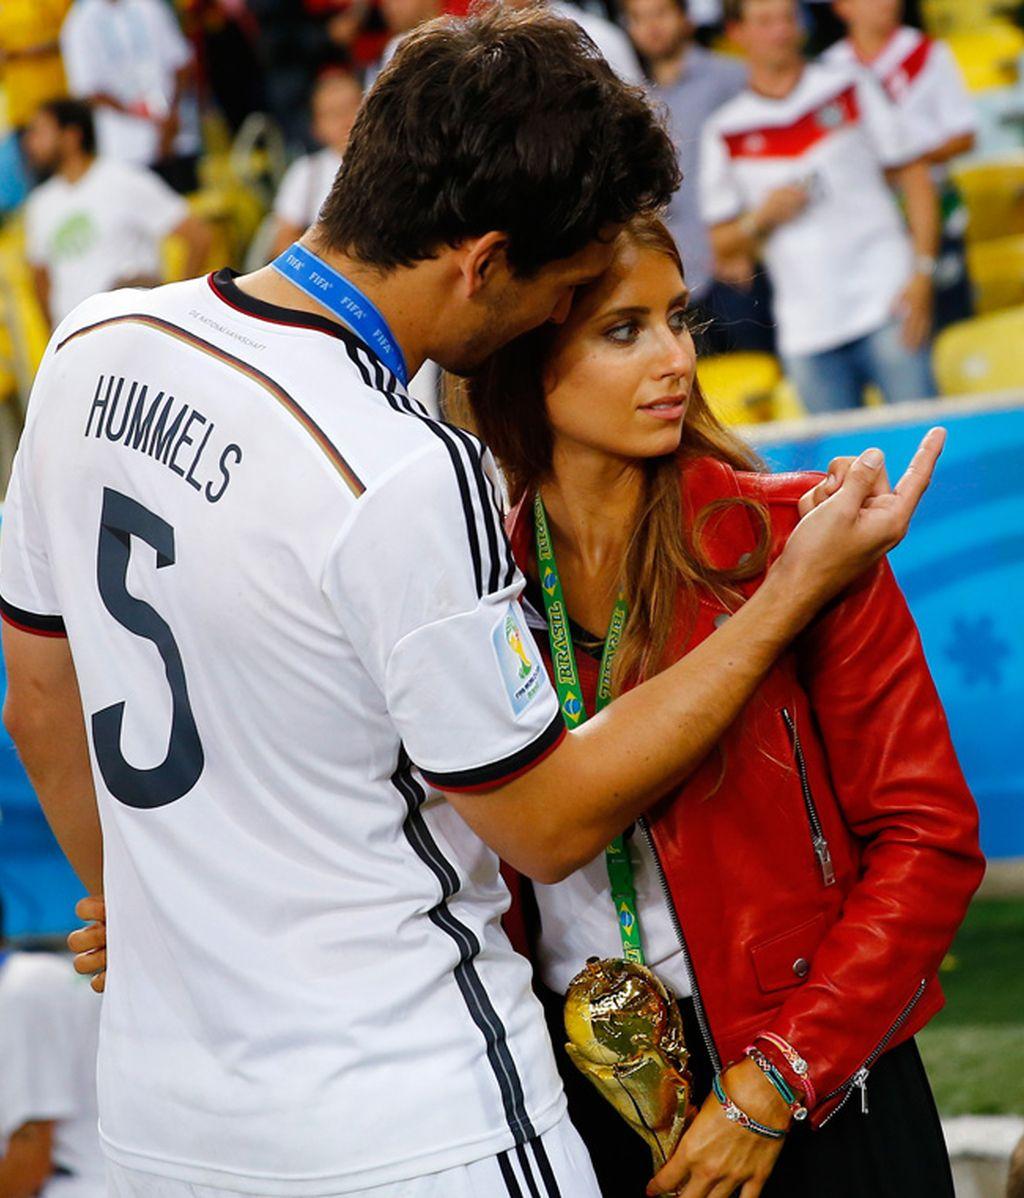 Hummels veía como su novia le pedía posar sola con el trofeo